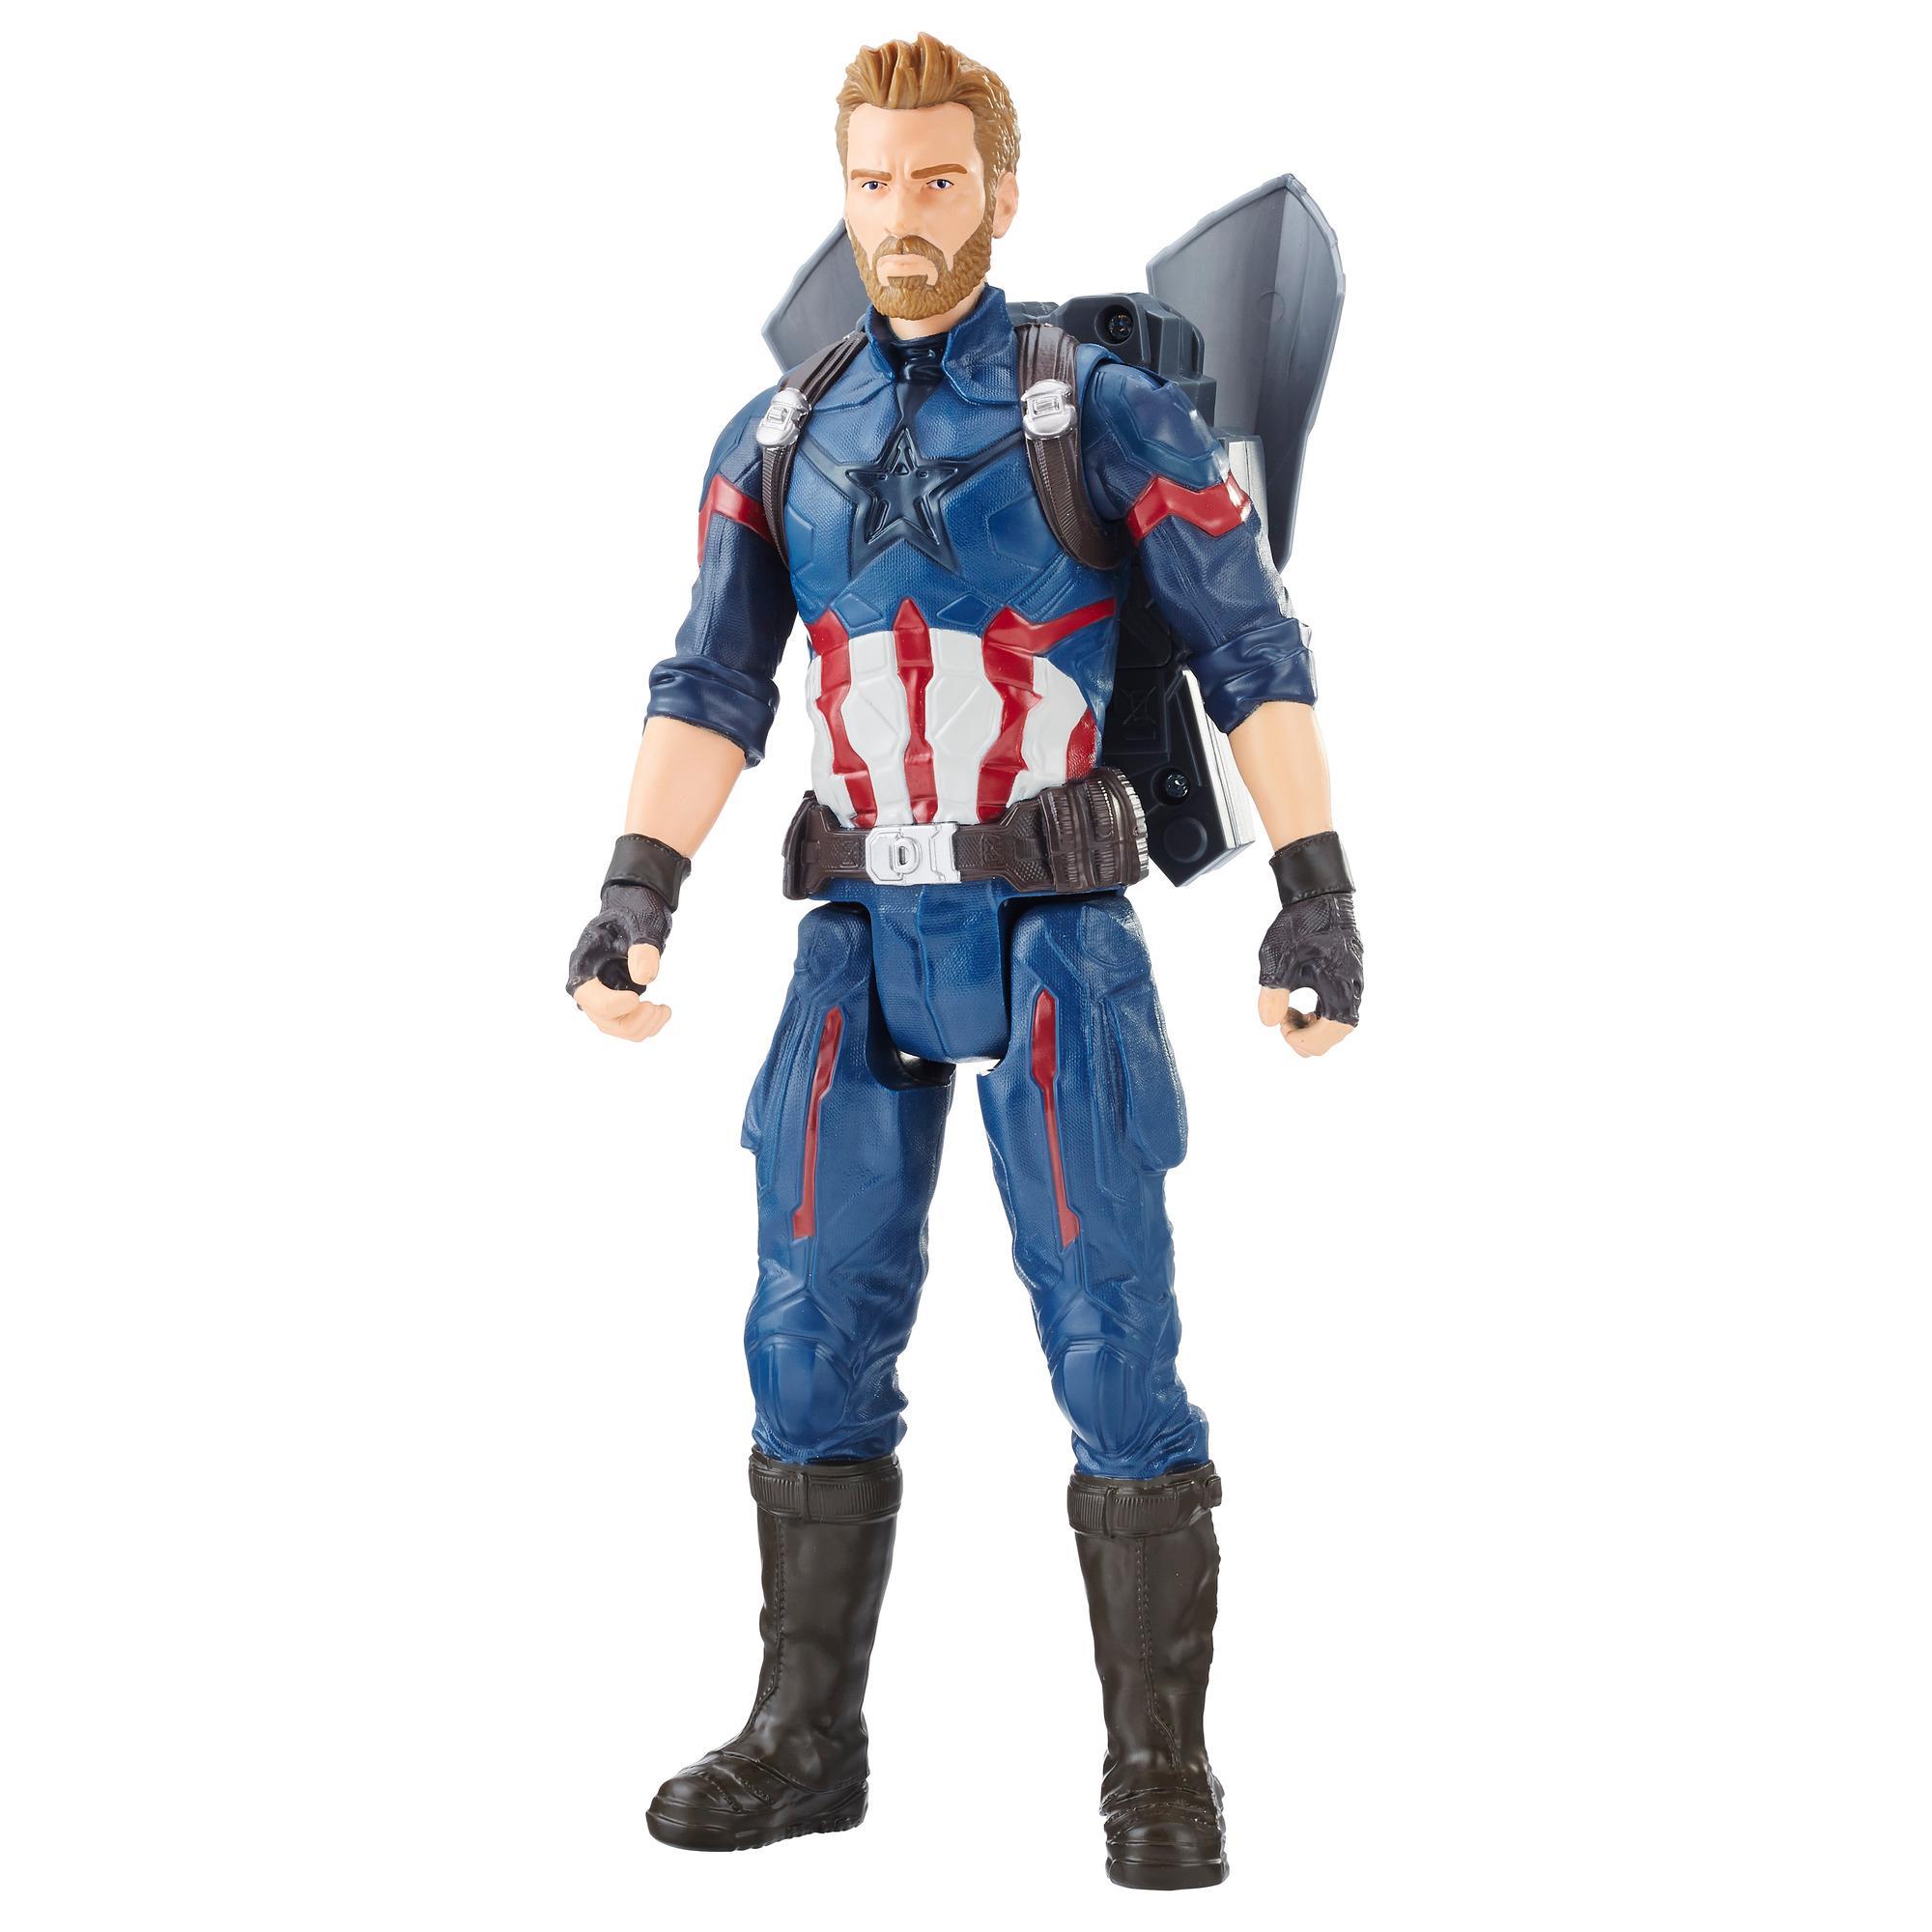 Avengers Titan Hero Power FX Captain America mit Power FX Pack